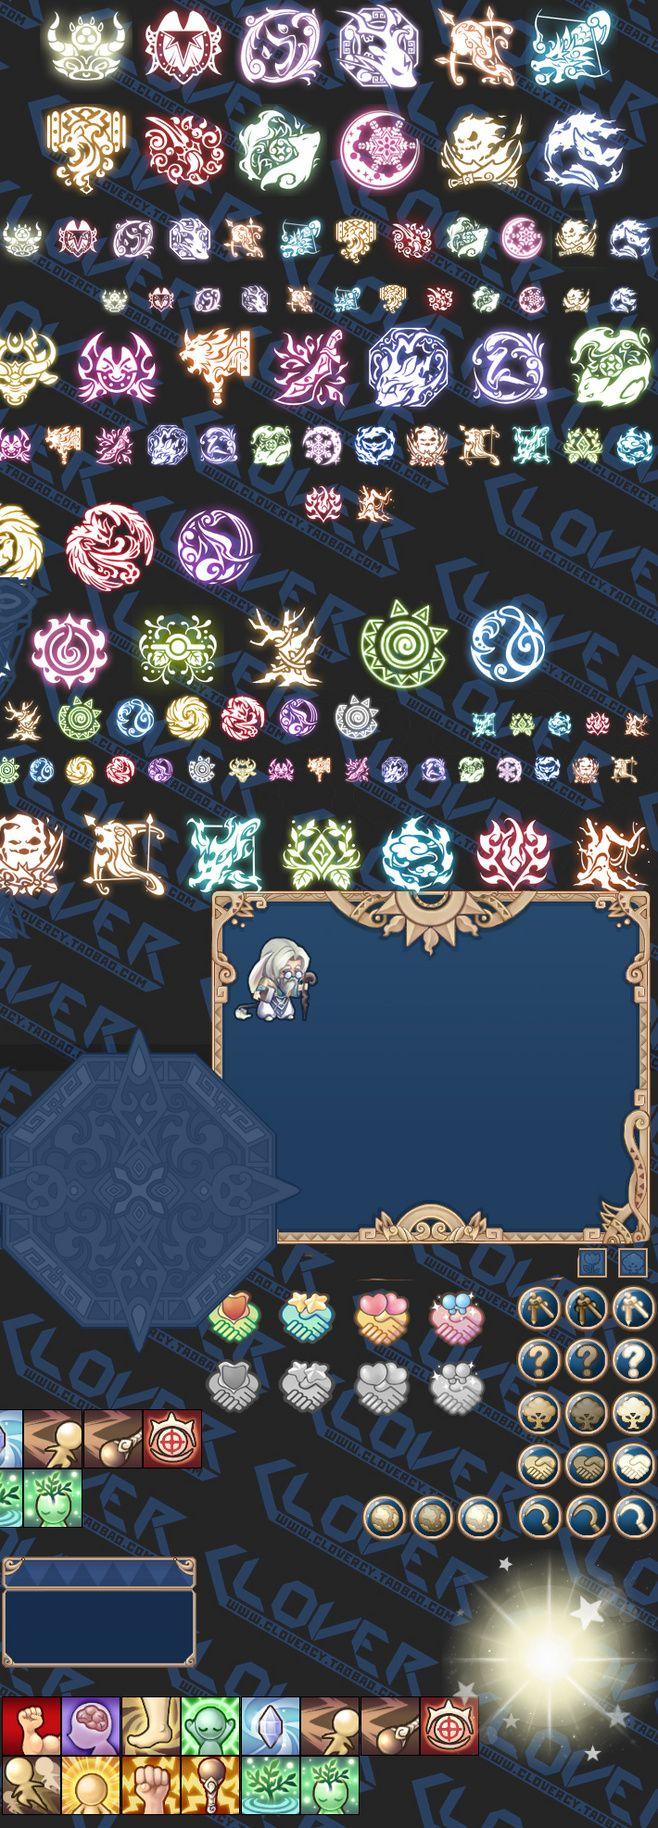 游戏美术资源 UI设计素材 Q版日系可爱UI界面 图标 光效 合集PNG